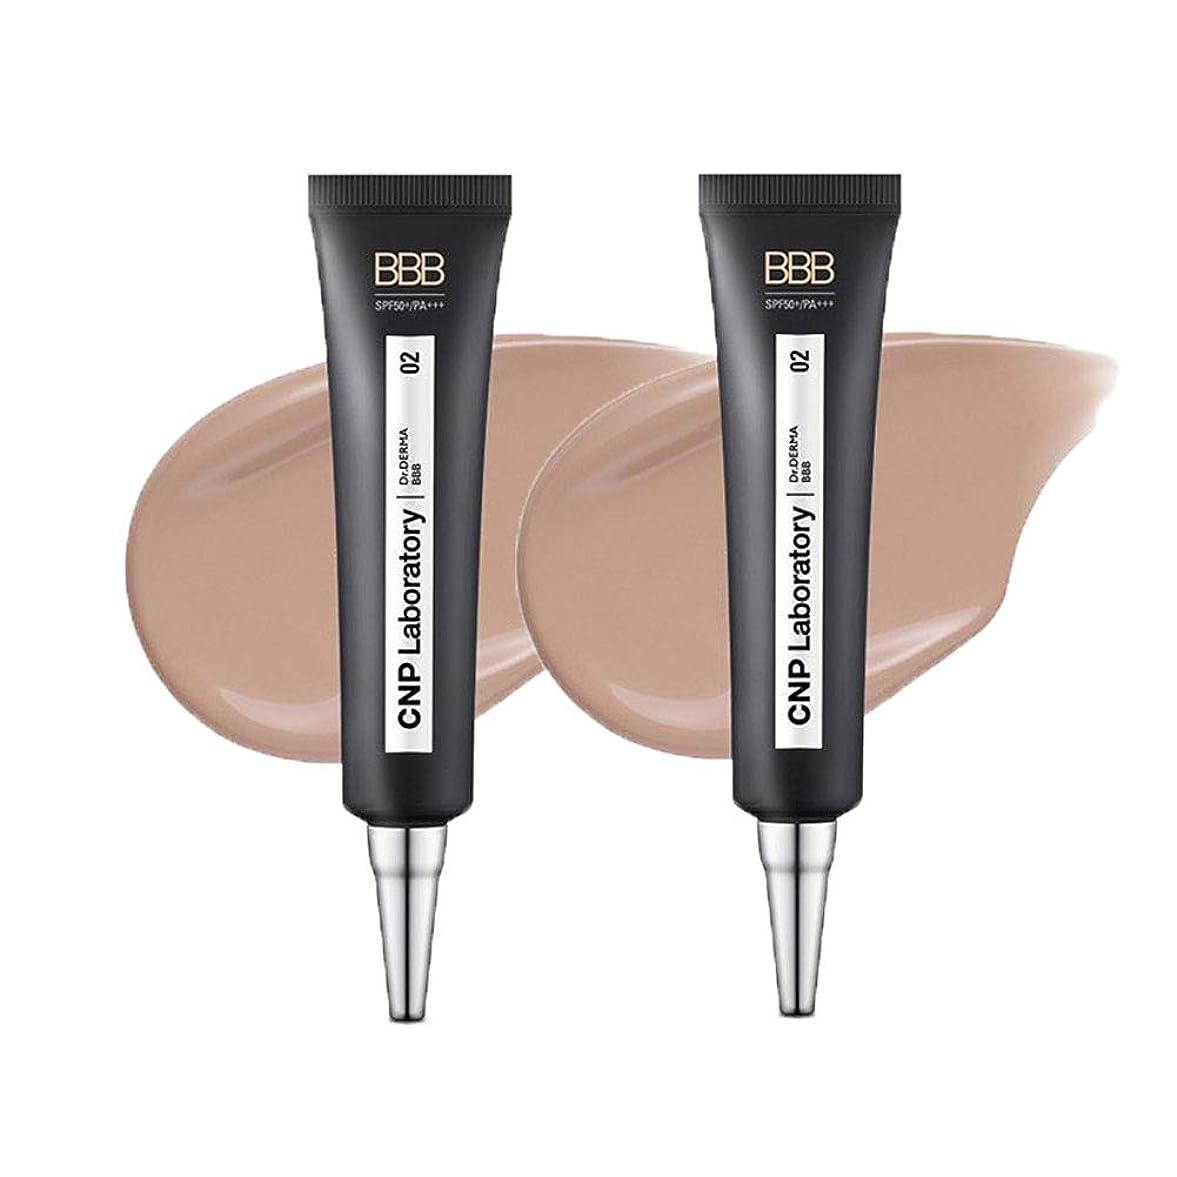 チャームシーン追記CNPドクターダーマBBB30mlx2本セット2色BBクリーム韓国コスメ、CNP Dr.Derma BBB 30ml x 2ea Set 2 Colors BB Cream Korean Cosmetics [並行輸入品] (No.2 Natural Beige)